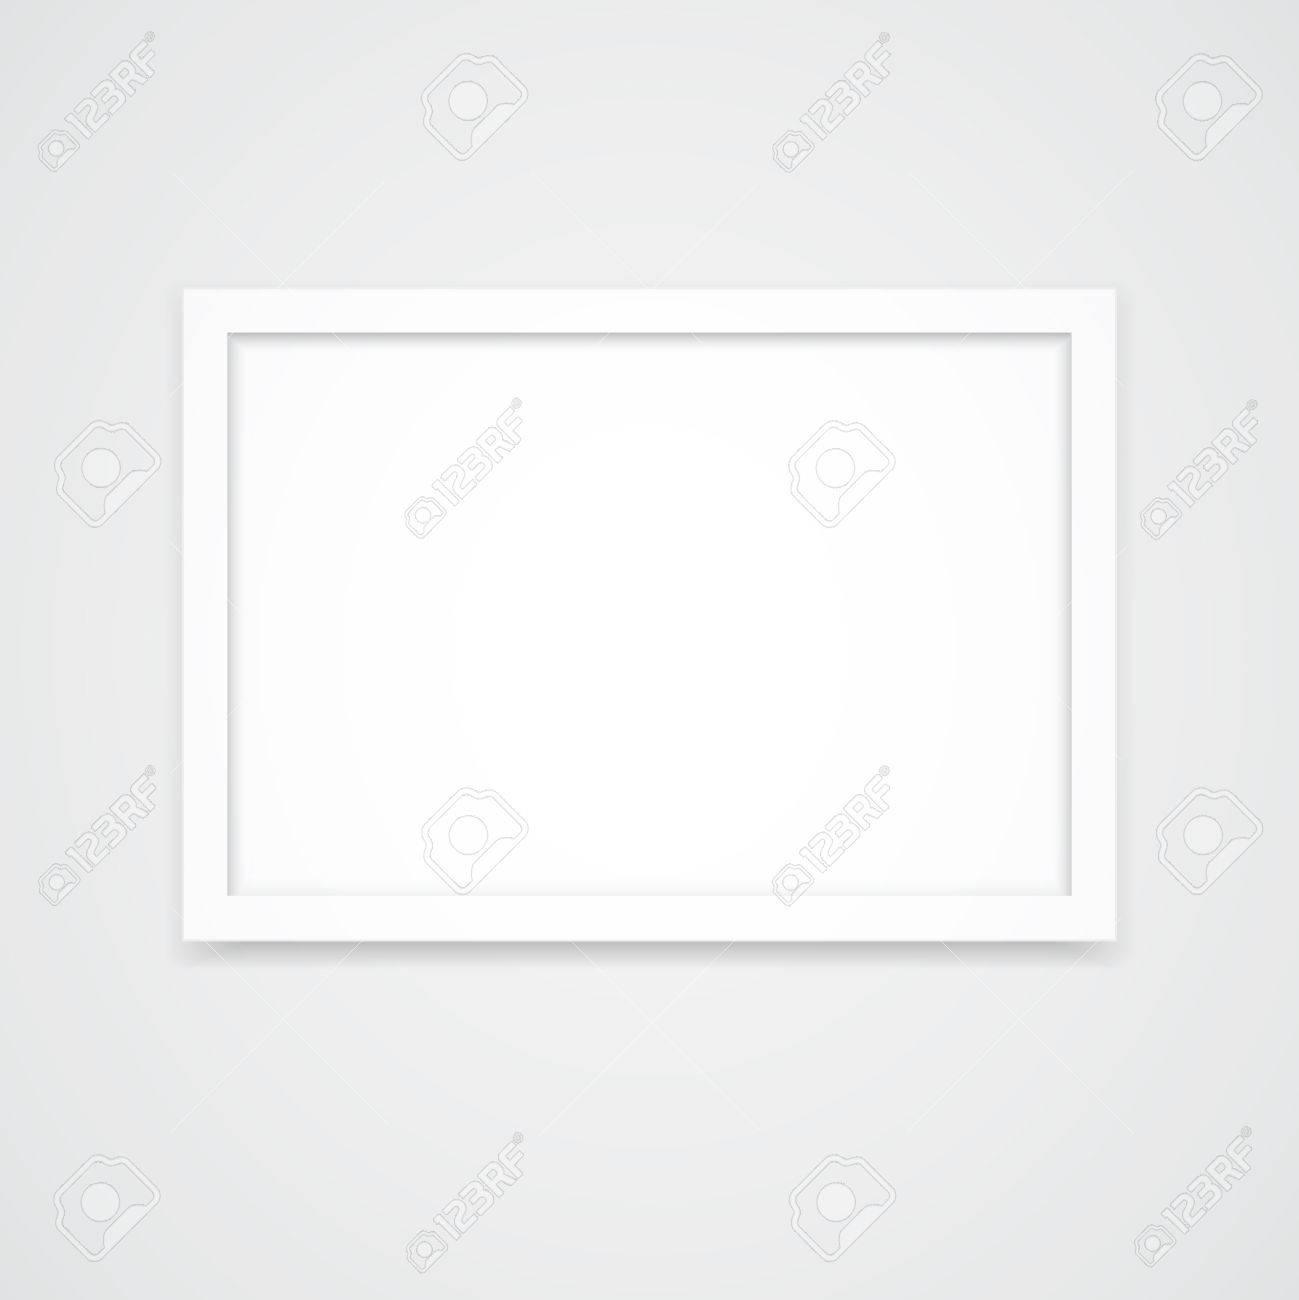 Weiß Bilderrahmen Mit Querformat (3x2) Isoliert Auf Weißem ...